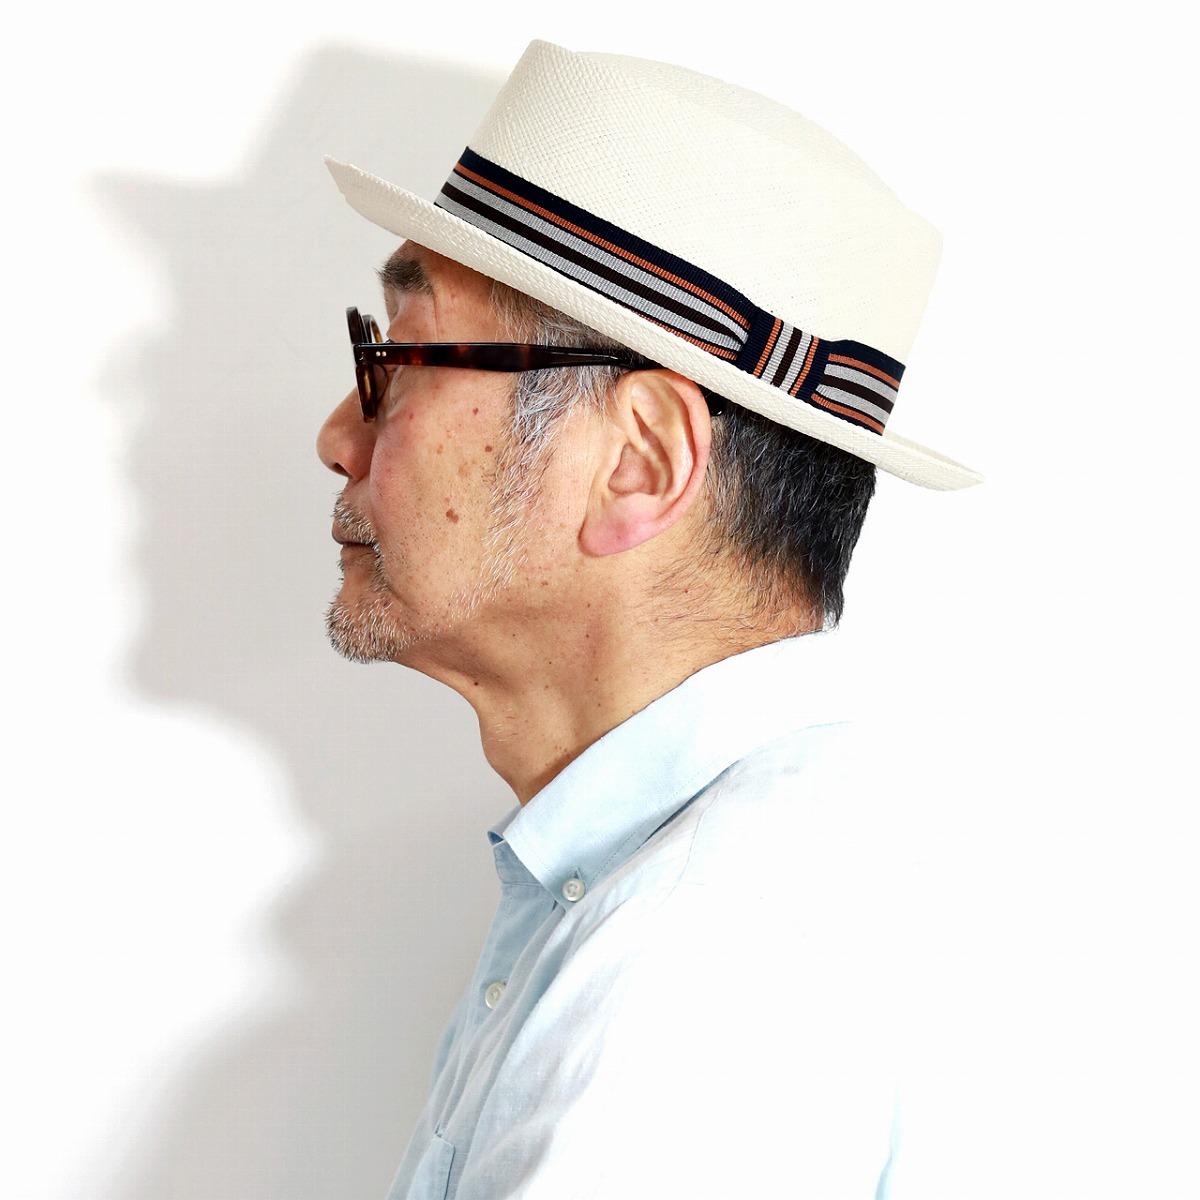 パナマハット イタリア製 春 夏 帽子 GALLIANO SORBATTI ポークパイハット メンズ パナマ帽 ハット ガリアーノソルバッティ ストライプリボン ブリーチ 白 [ panama hat ] [ pork-pie hat ] 父の日 ギフト 男性 帽子 紳士 30代 40代 50代 60代 ファッション お洒落